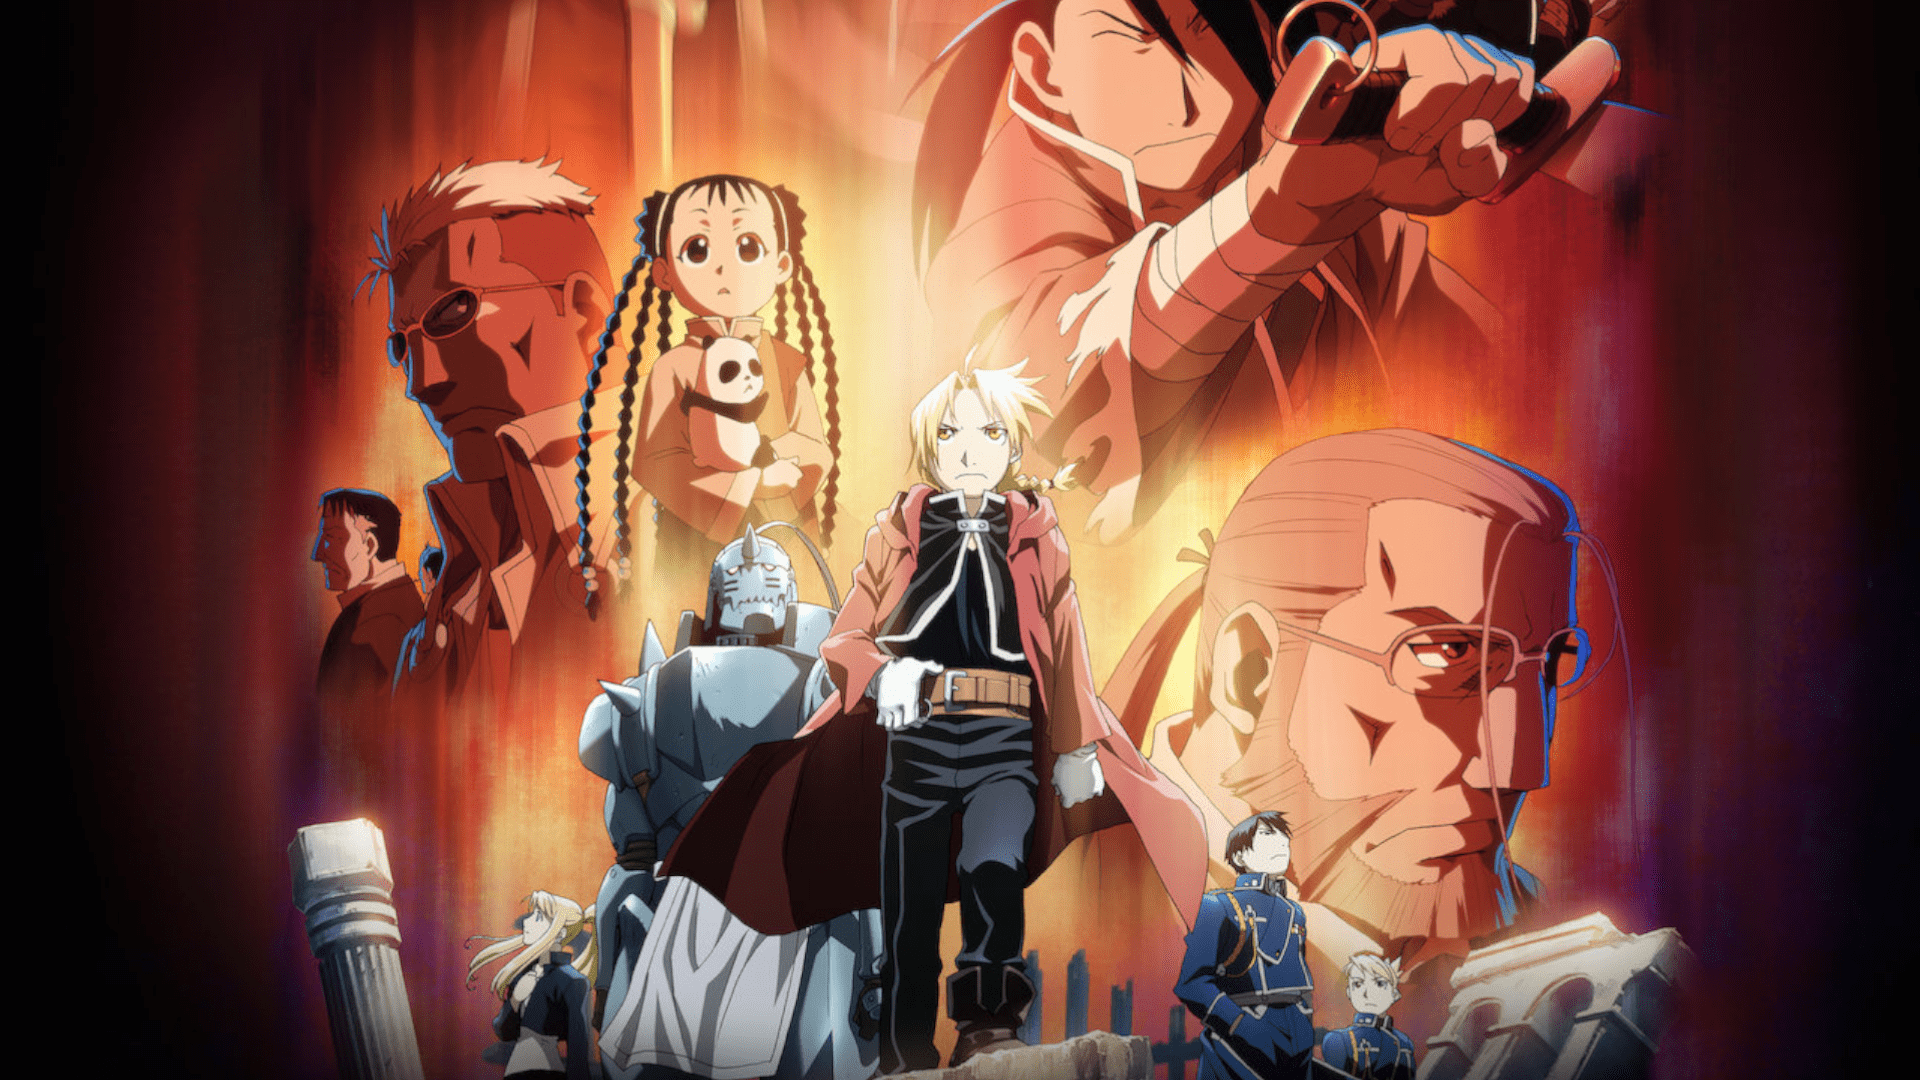 Fullmetal Alchemist: Brotherhood é um clássico que qualquer interessado em anime precisa assistir (Foto: Divulgação/Netflix)